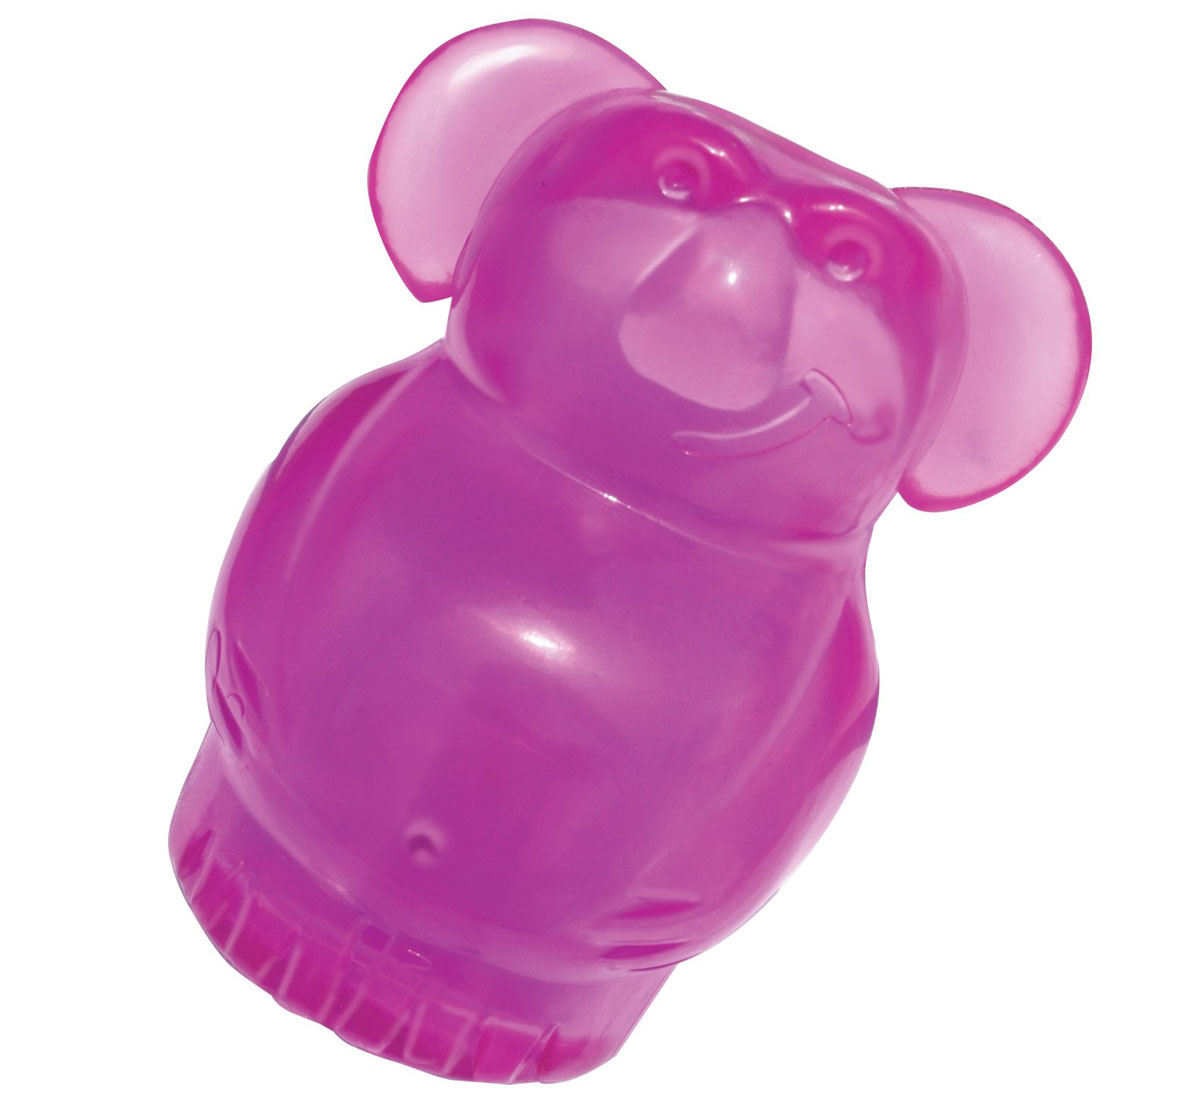 KONG Squeezz Jels Koala Dog Toy Large